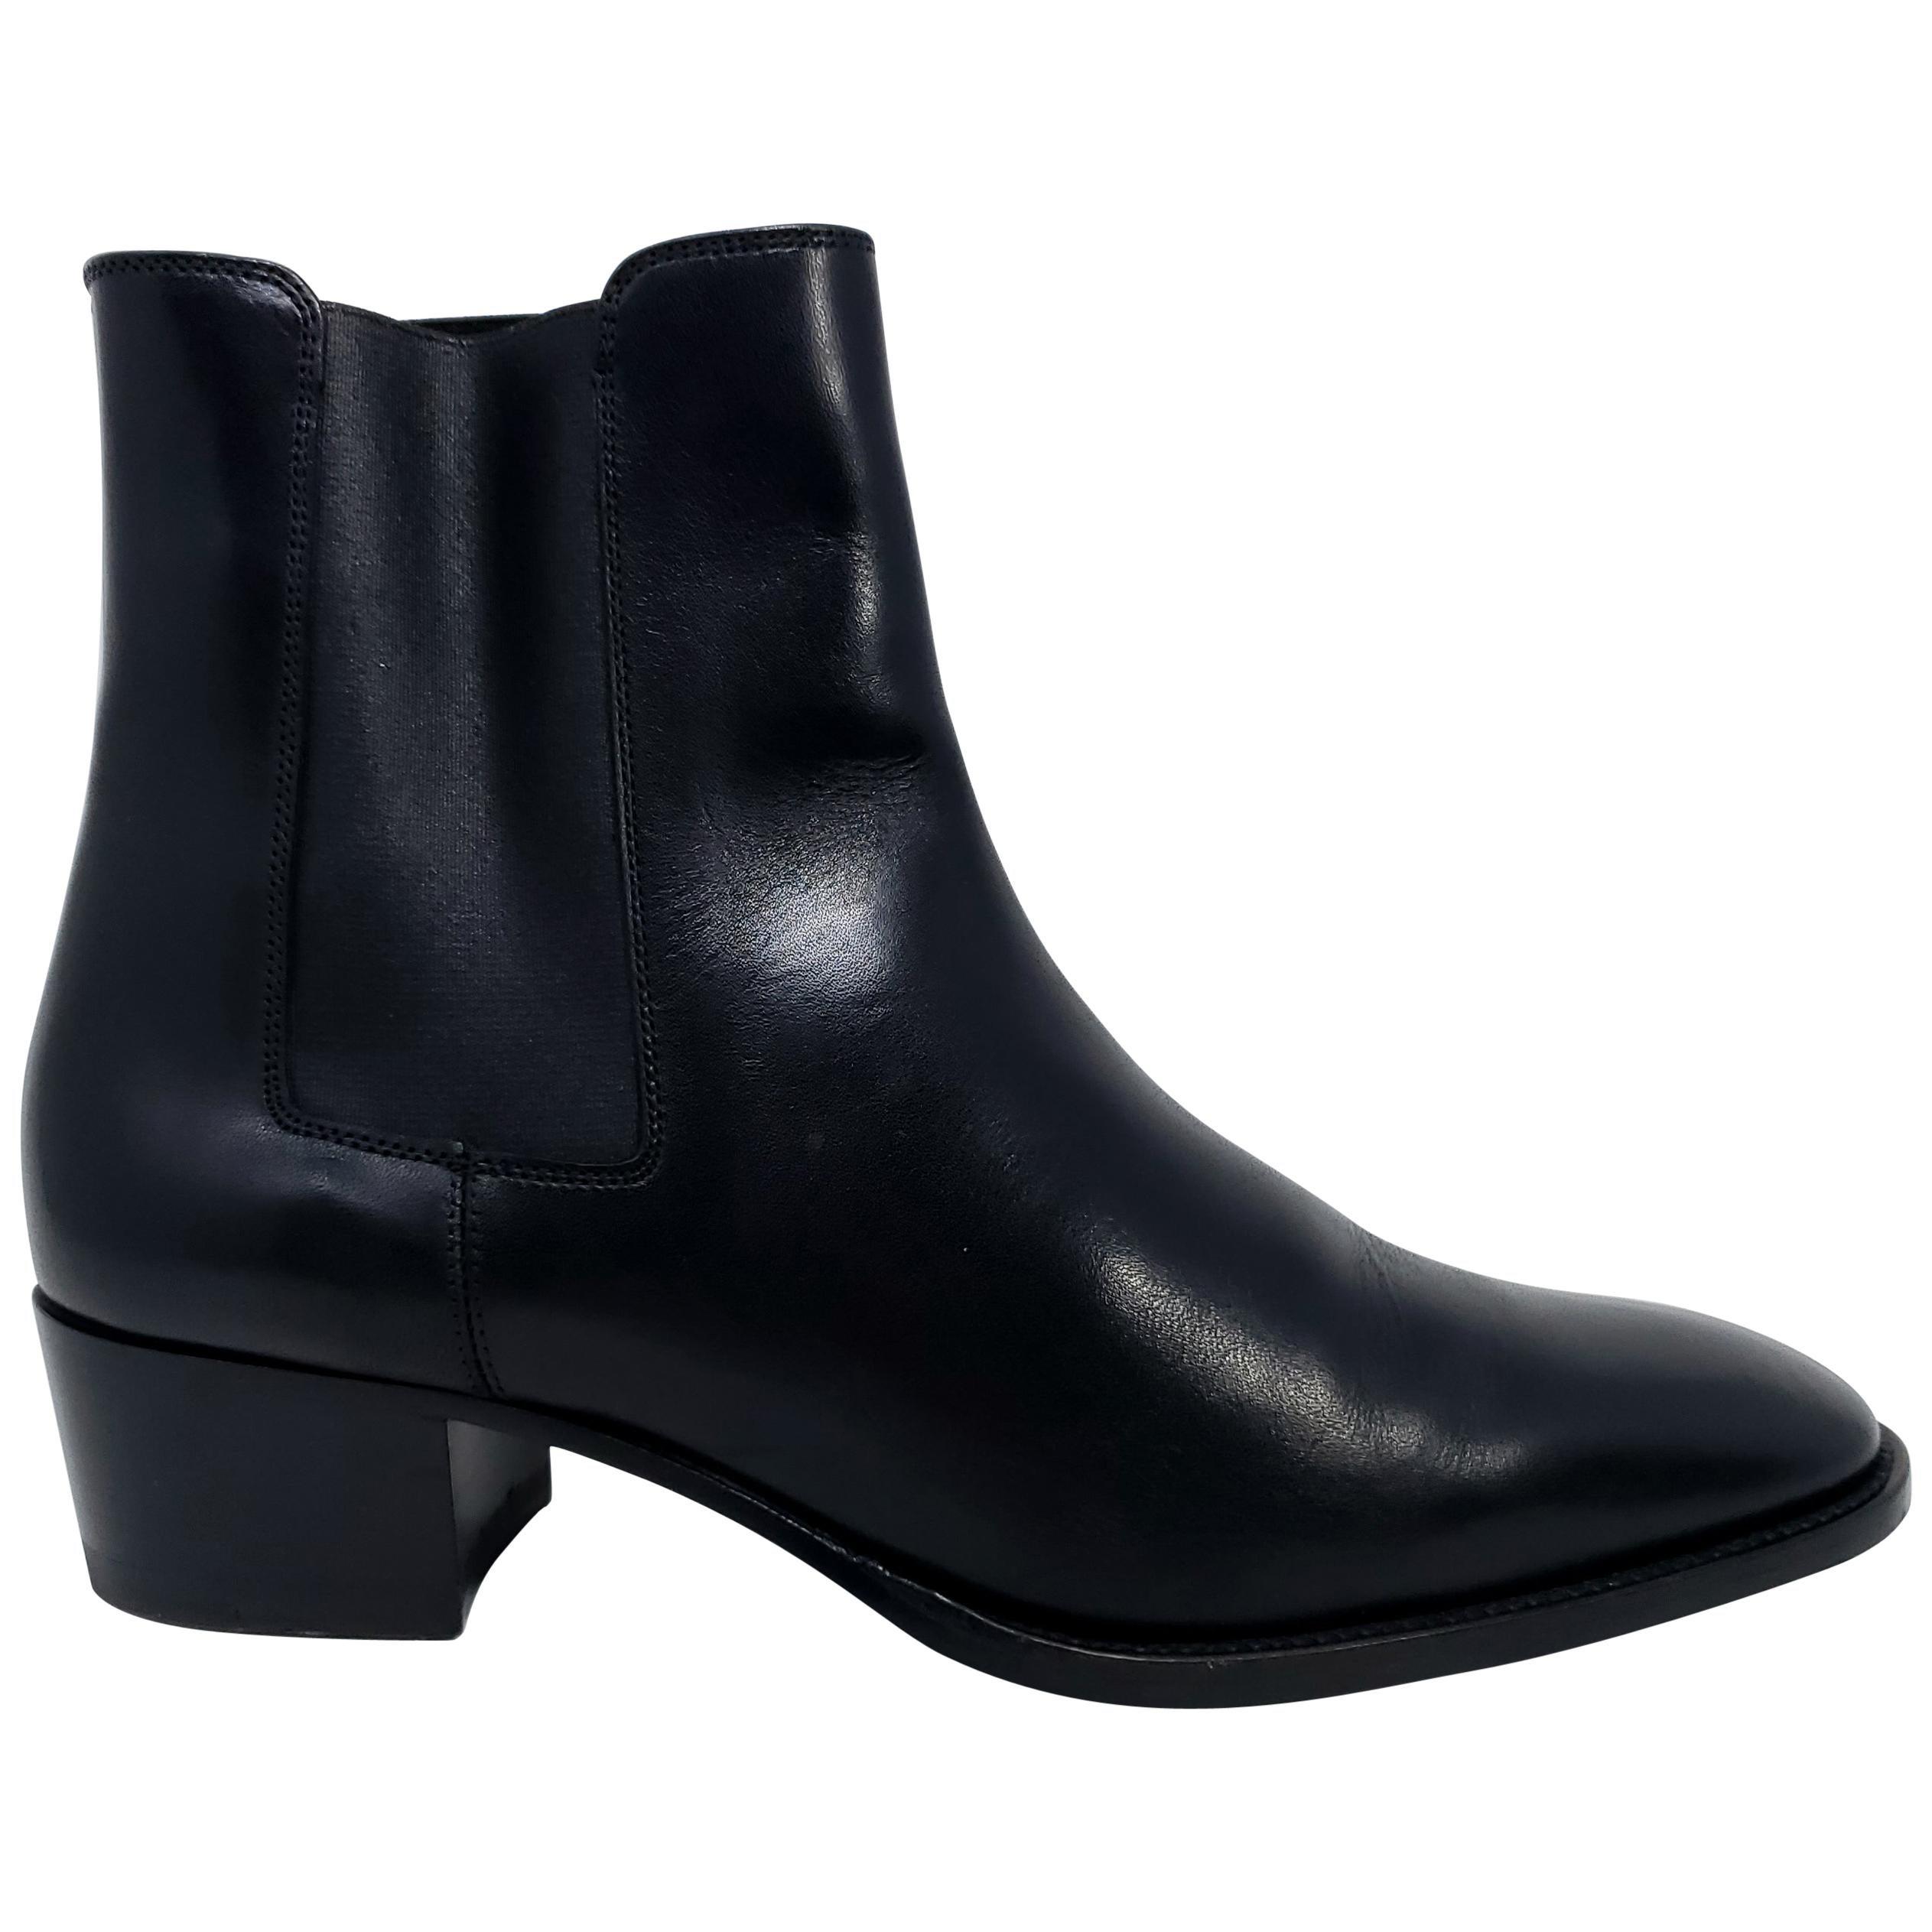 saint laurent chelsea boots sale